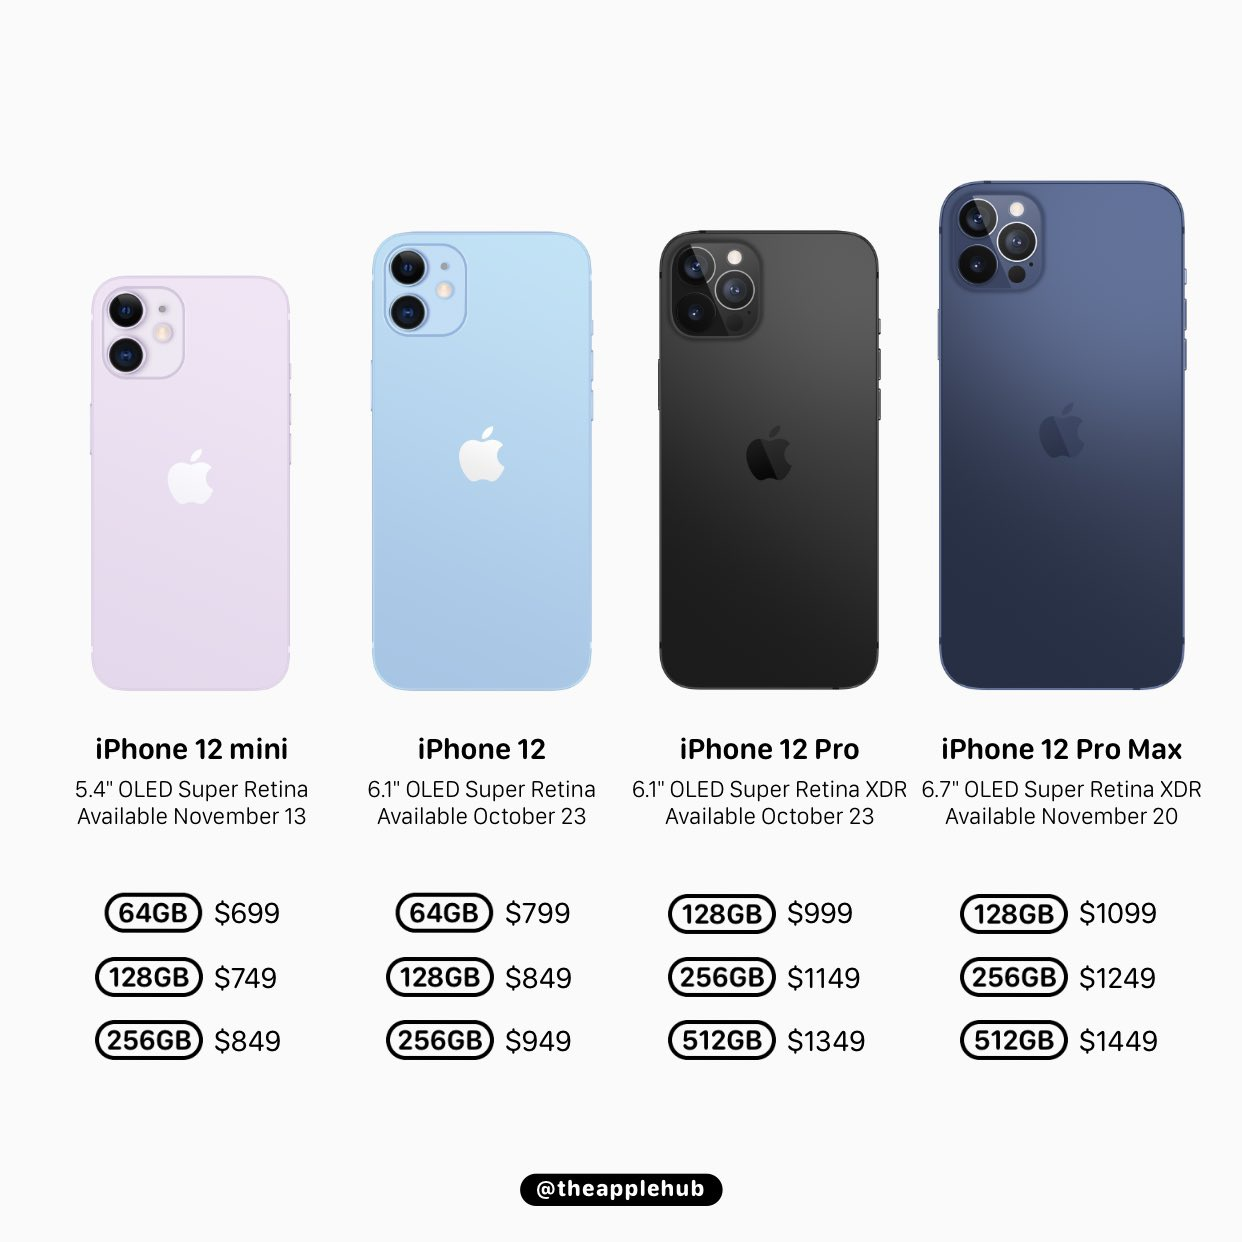 iPhone 12 giá rẻ nhất từ 699 USD, đắt nhất 1.499 USD?